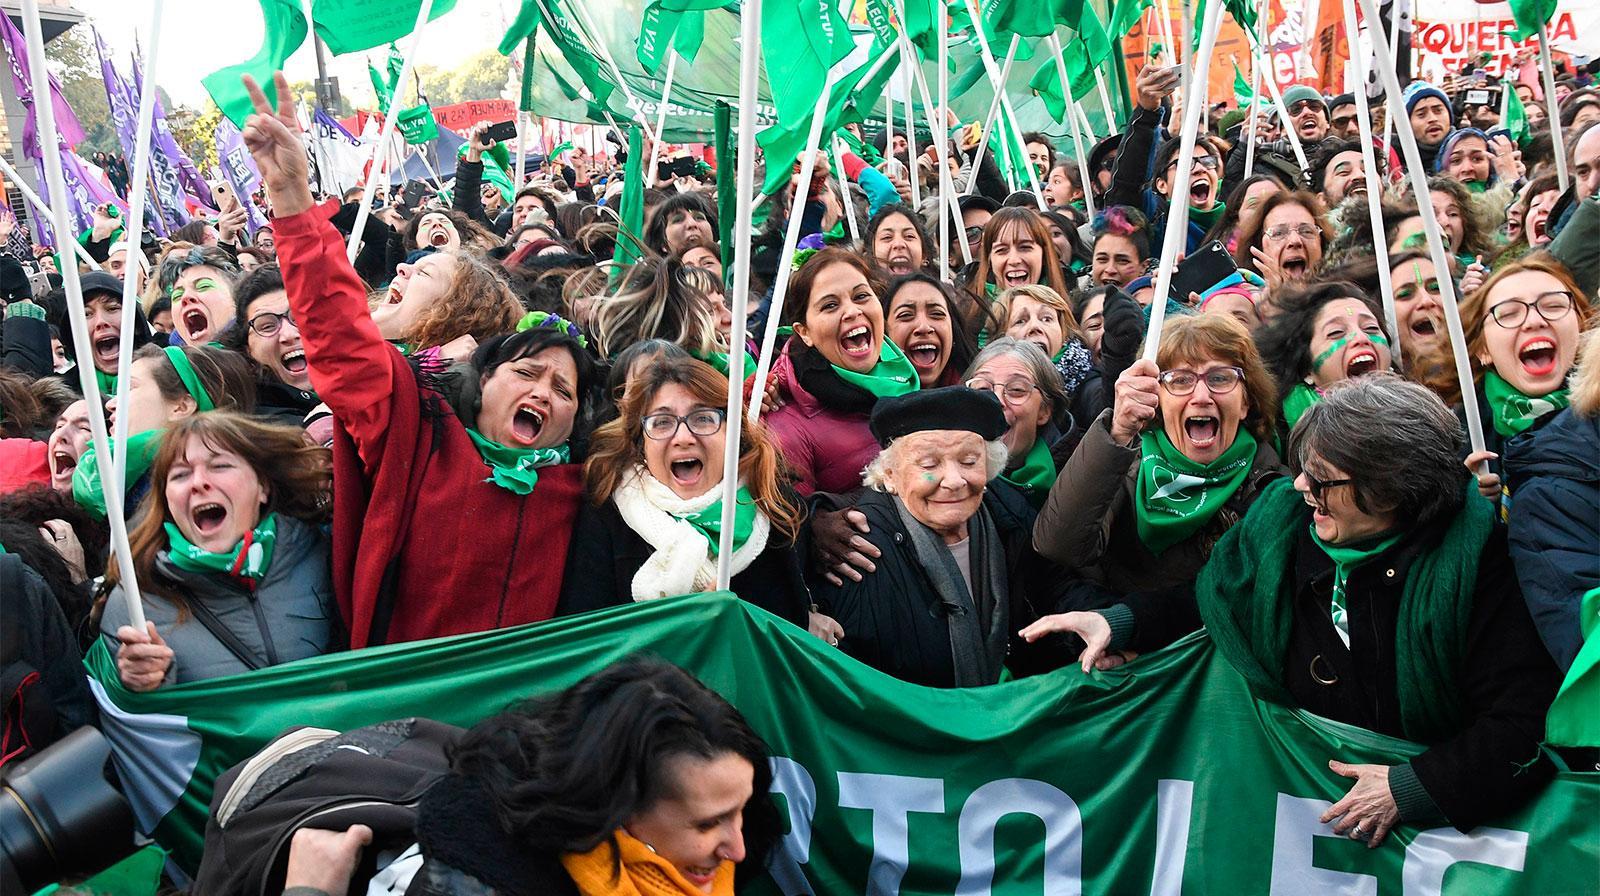 Movimiento de mujeres en una movilización que pedía por la legalización del aborto.